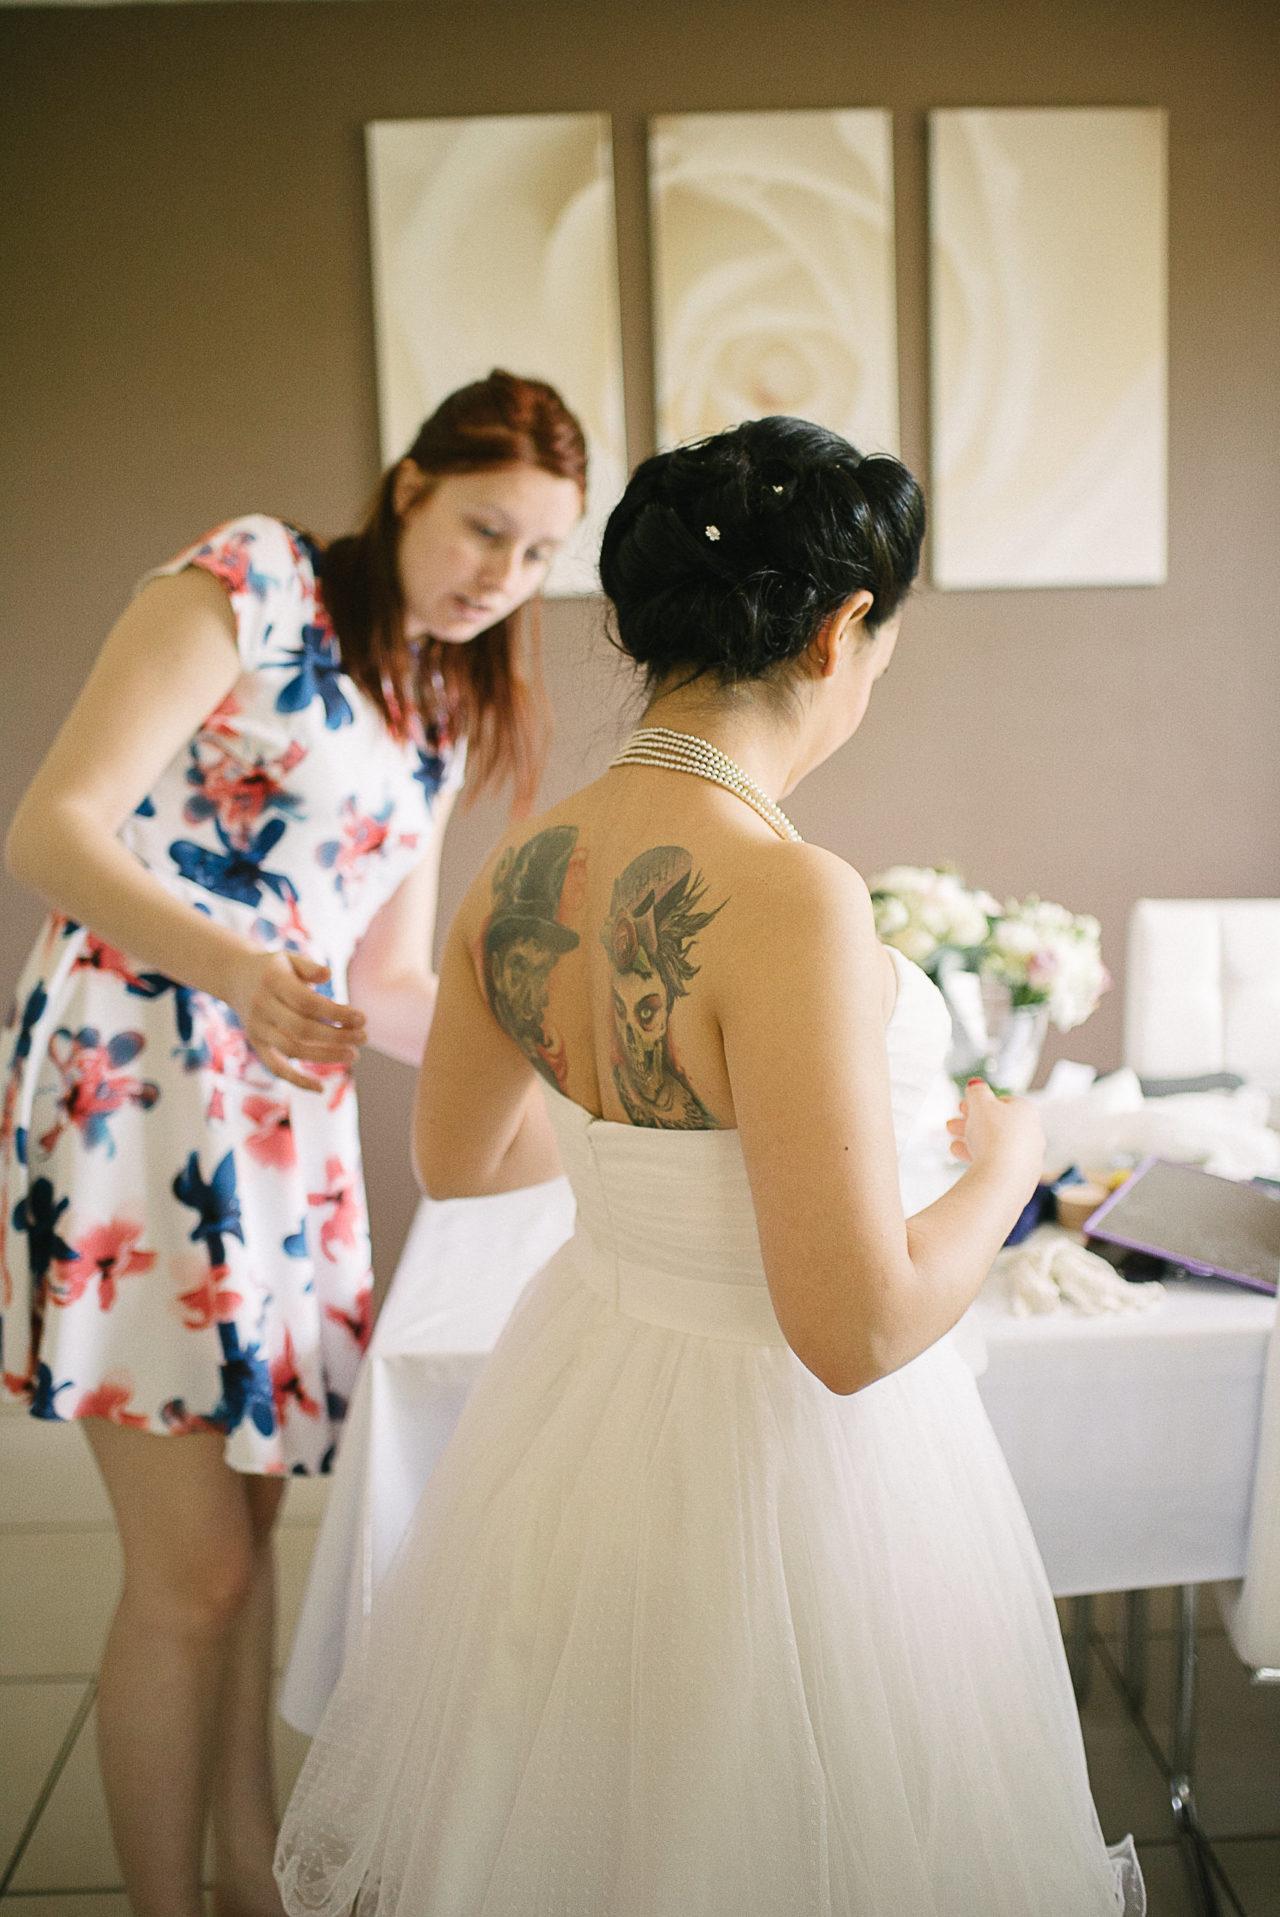 Le dos tatoué de la mariée